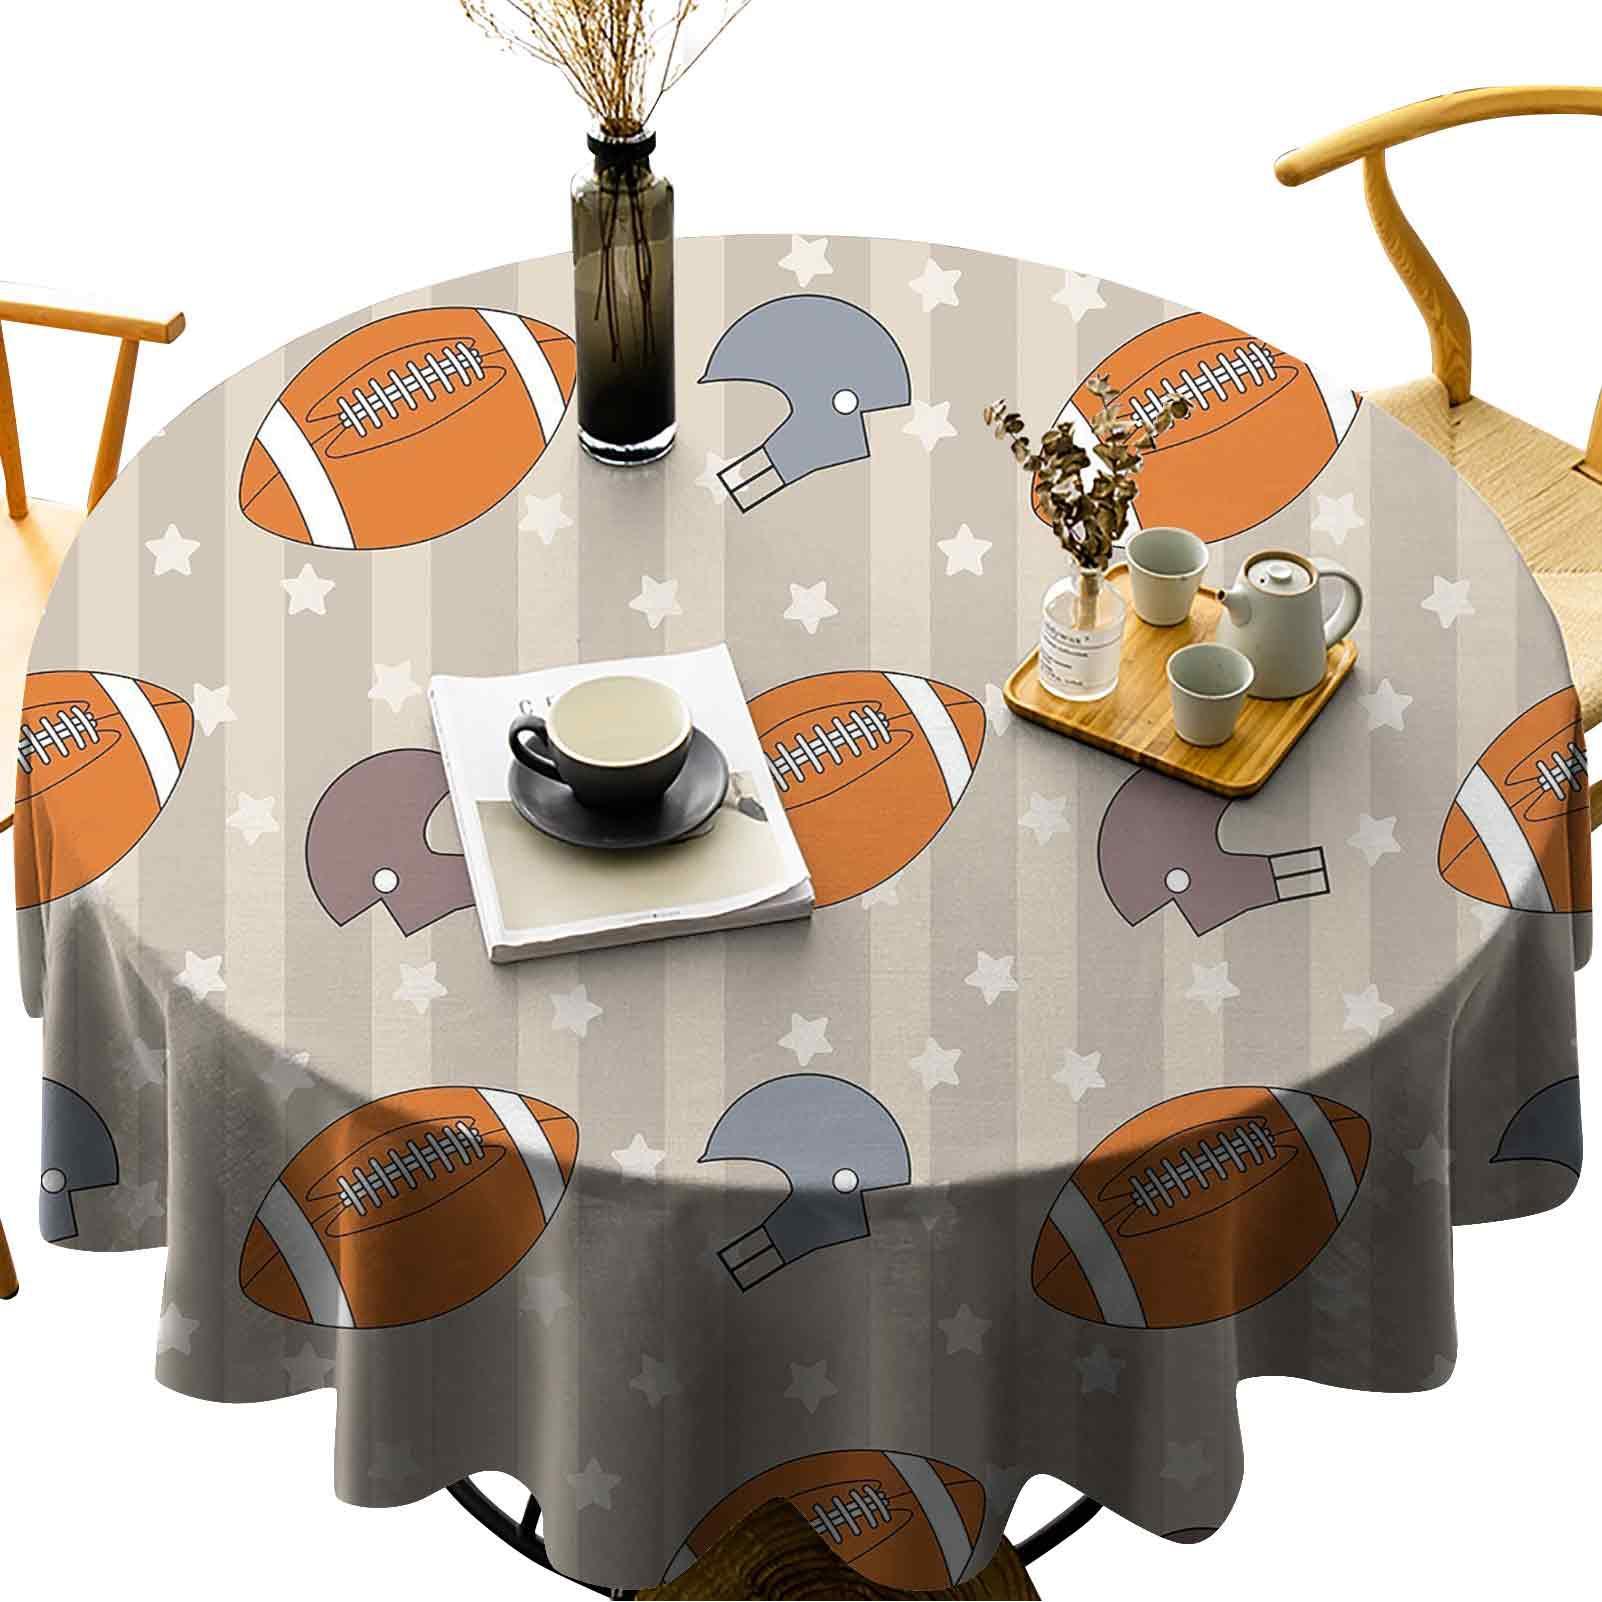 Su geçirmez / yağ geçirmez / leke dayanıklı yuvarlak masa örtüsü soluk yıldızlar ve çizgiler klasik spor sembolleri ile ABD retro karo